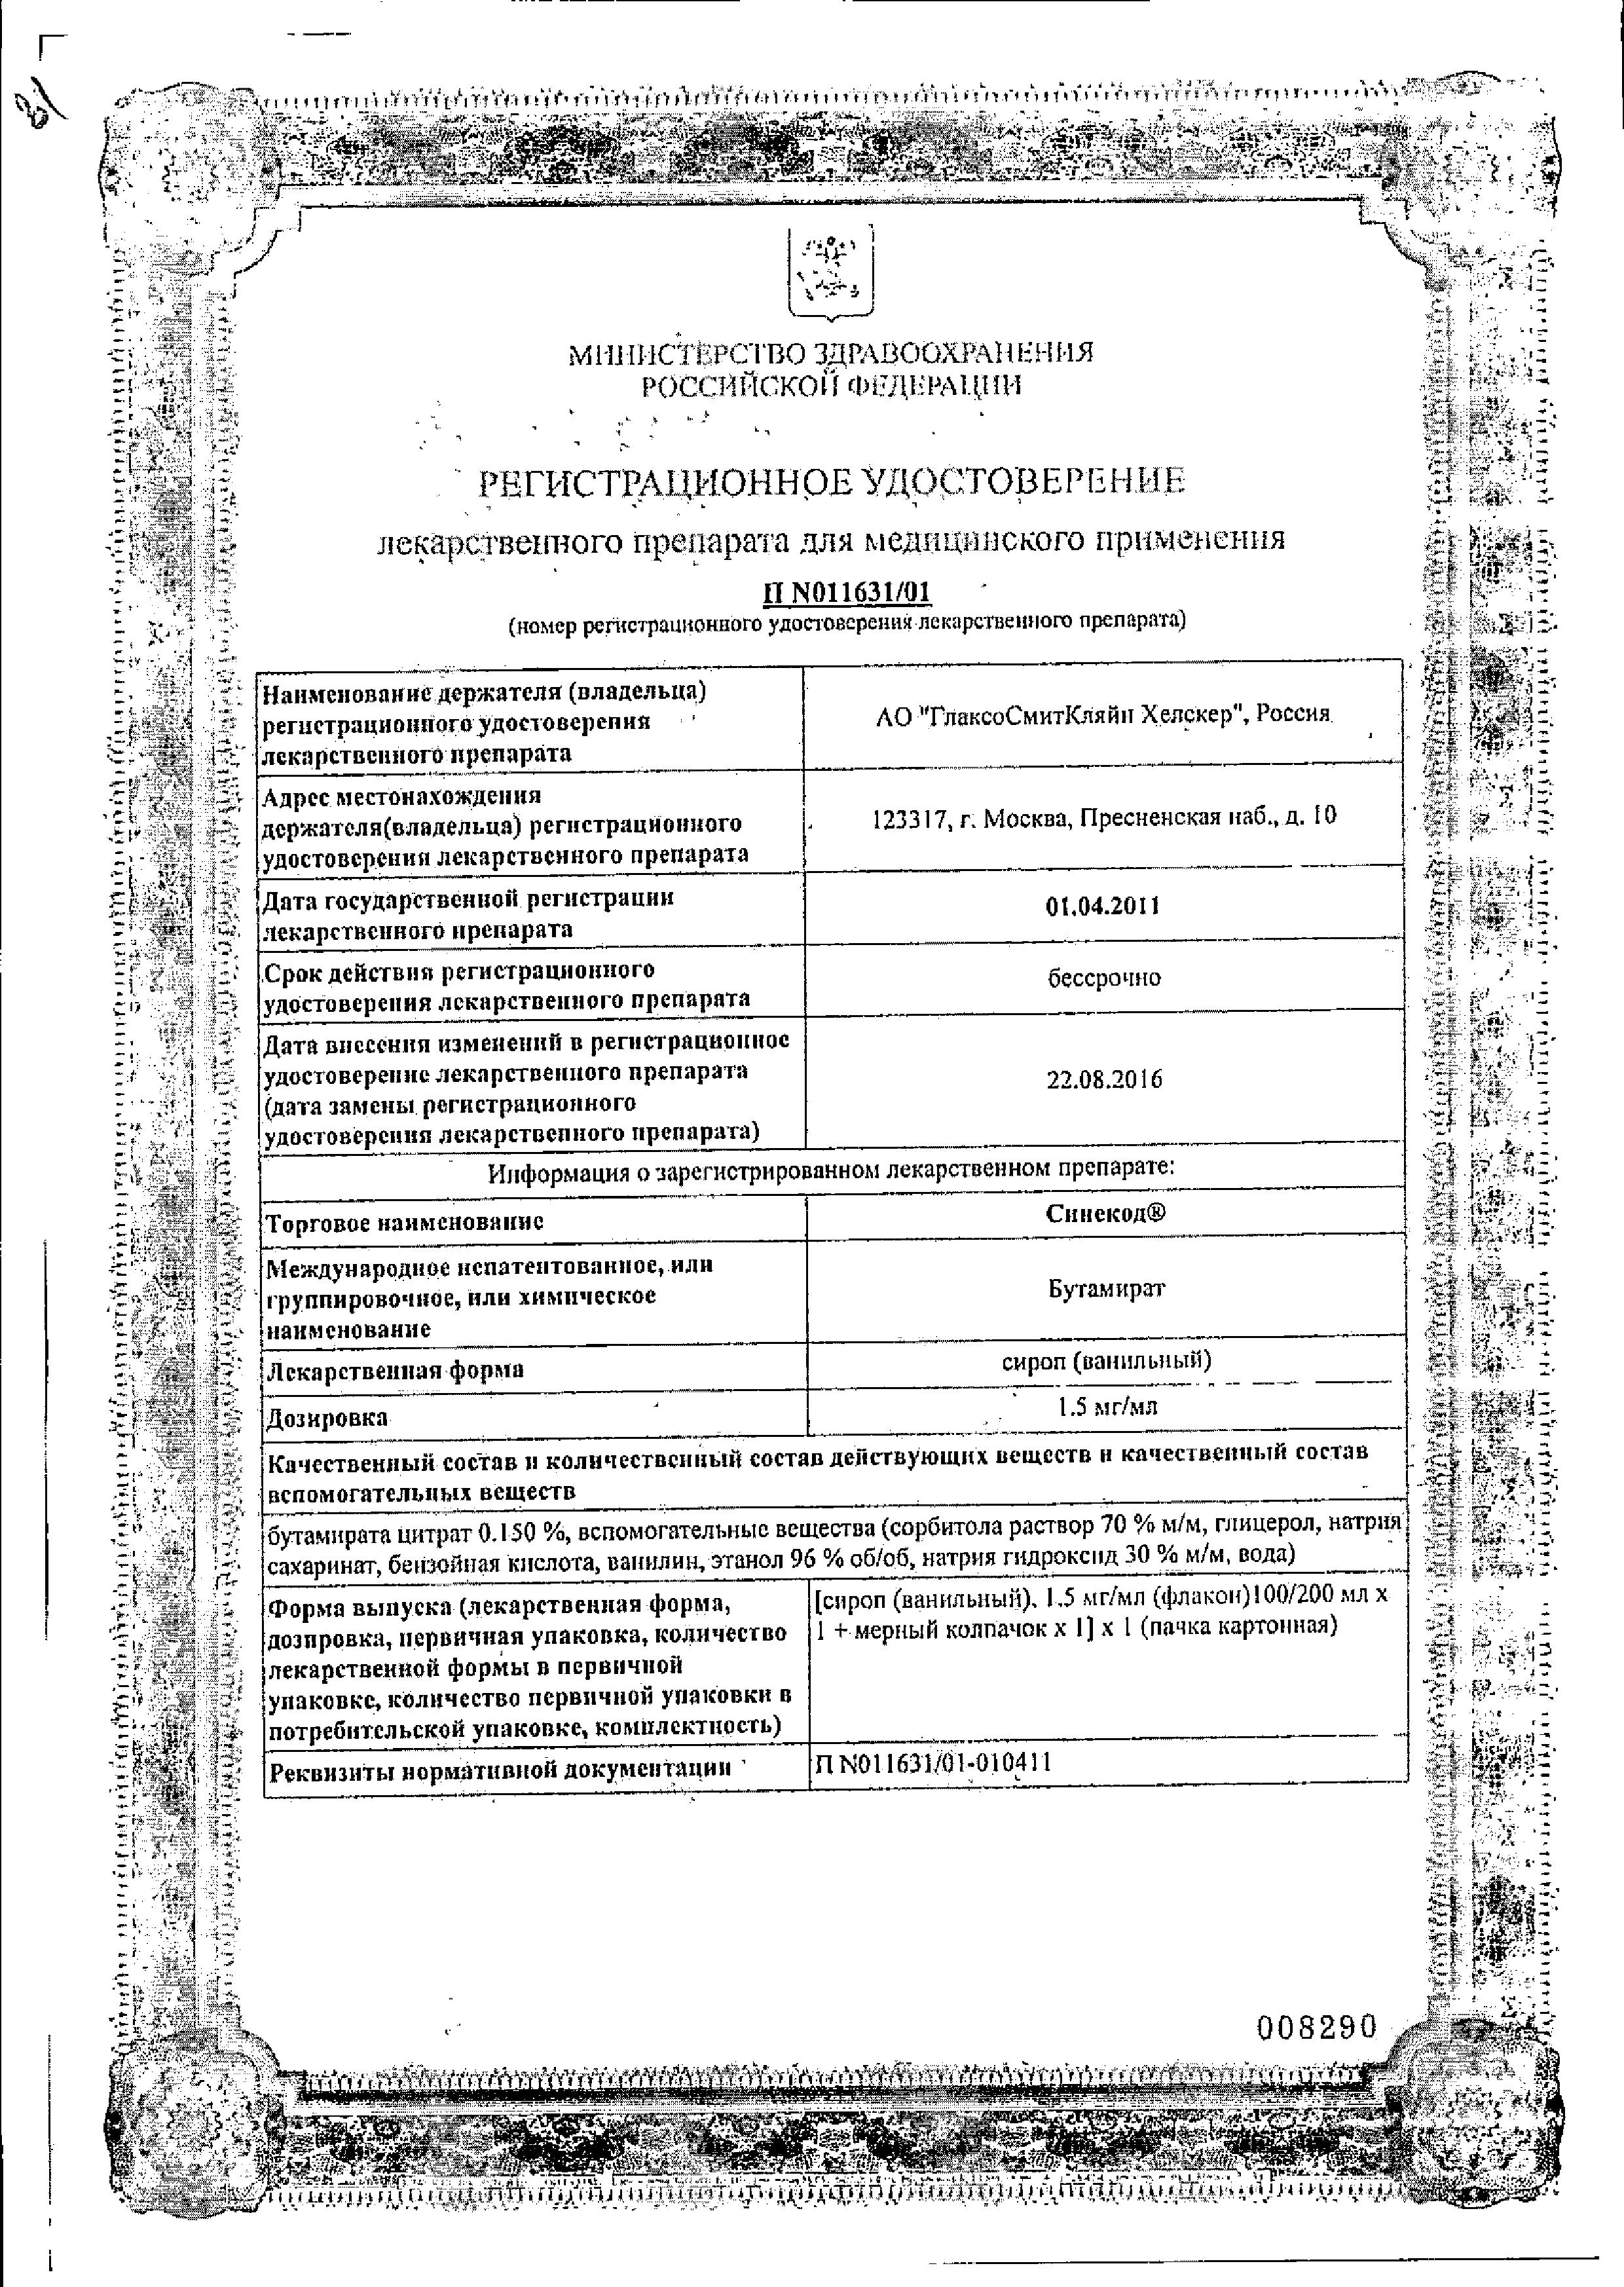 Синекод сертификат